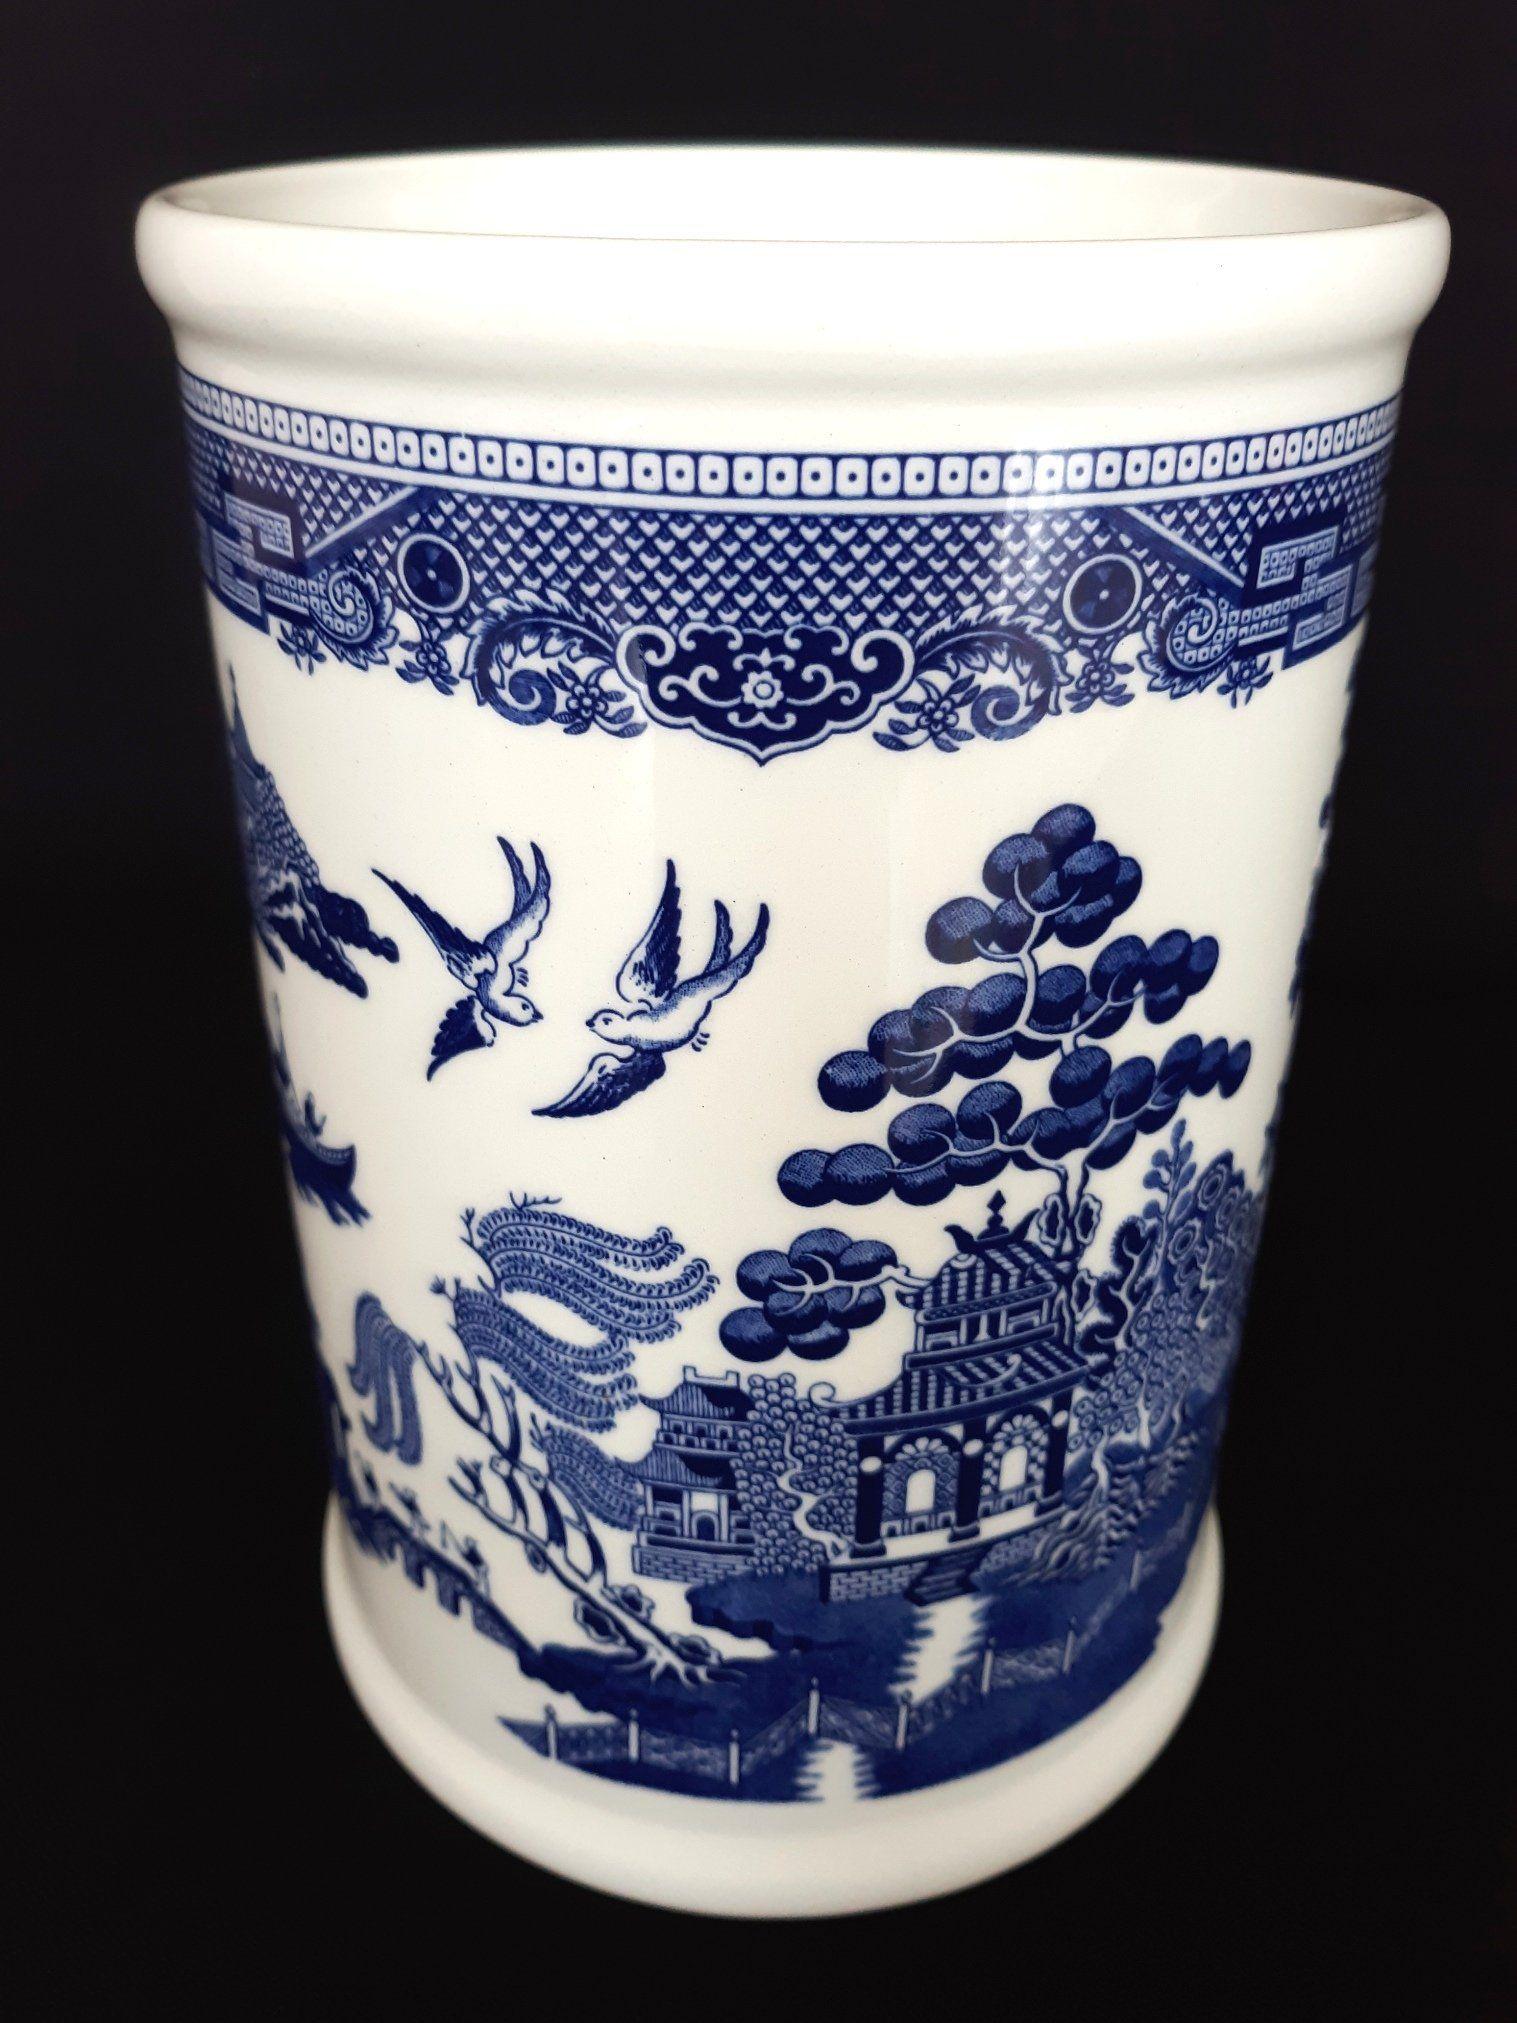 Vintage Blue Willow Glazed Ceramic Utensils Holder